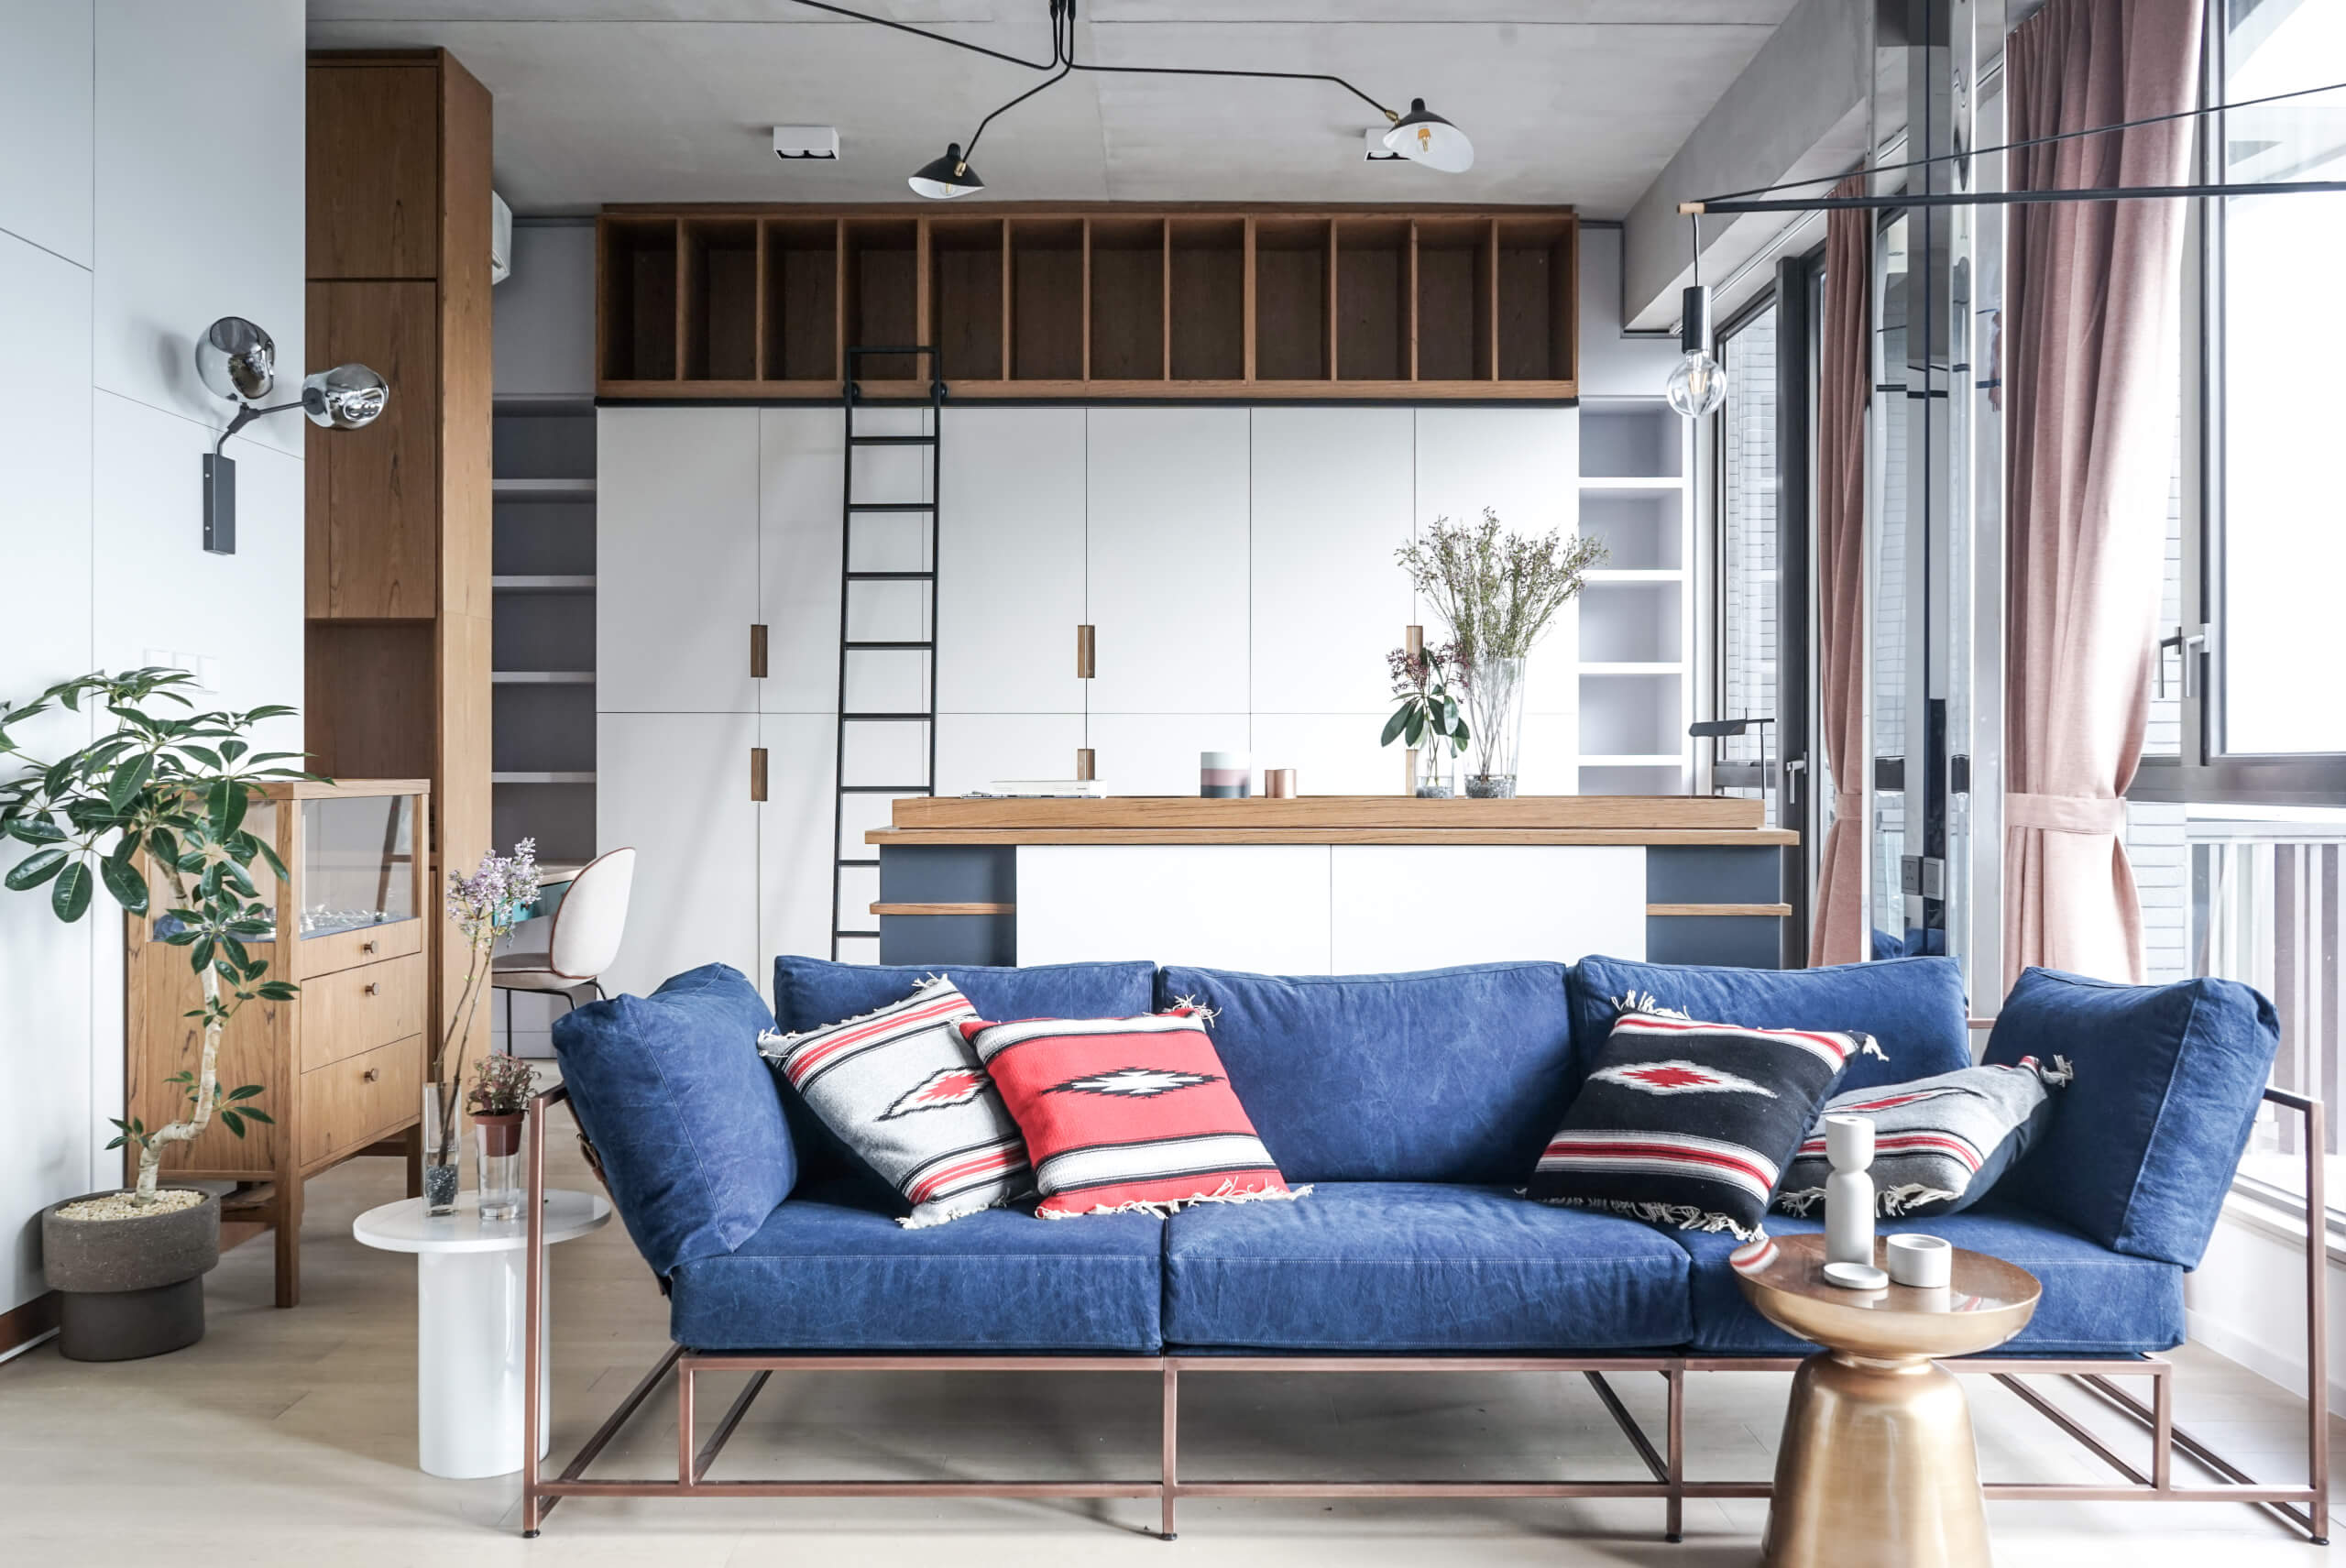 Maximize your space dengan furniture apartemen studio - Penggunaan Furniture pada Desain Interior Apartemen Studio ini, Bisa Dijadikan Inspirasi